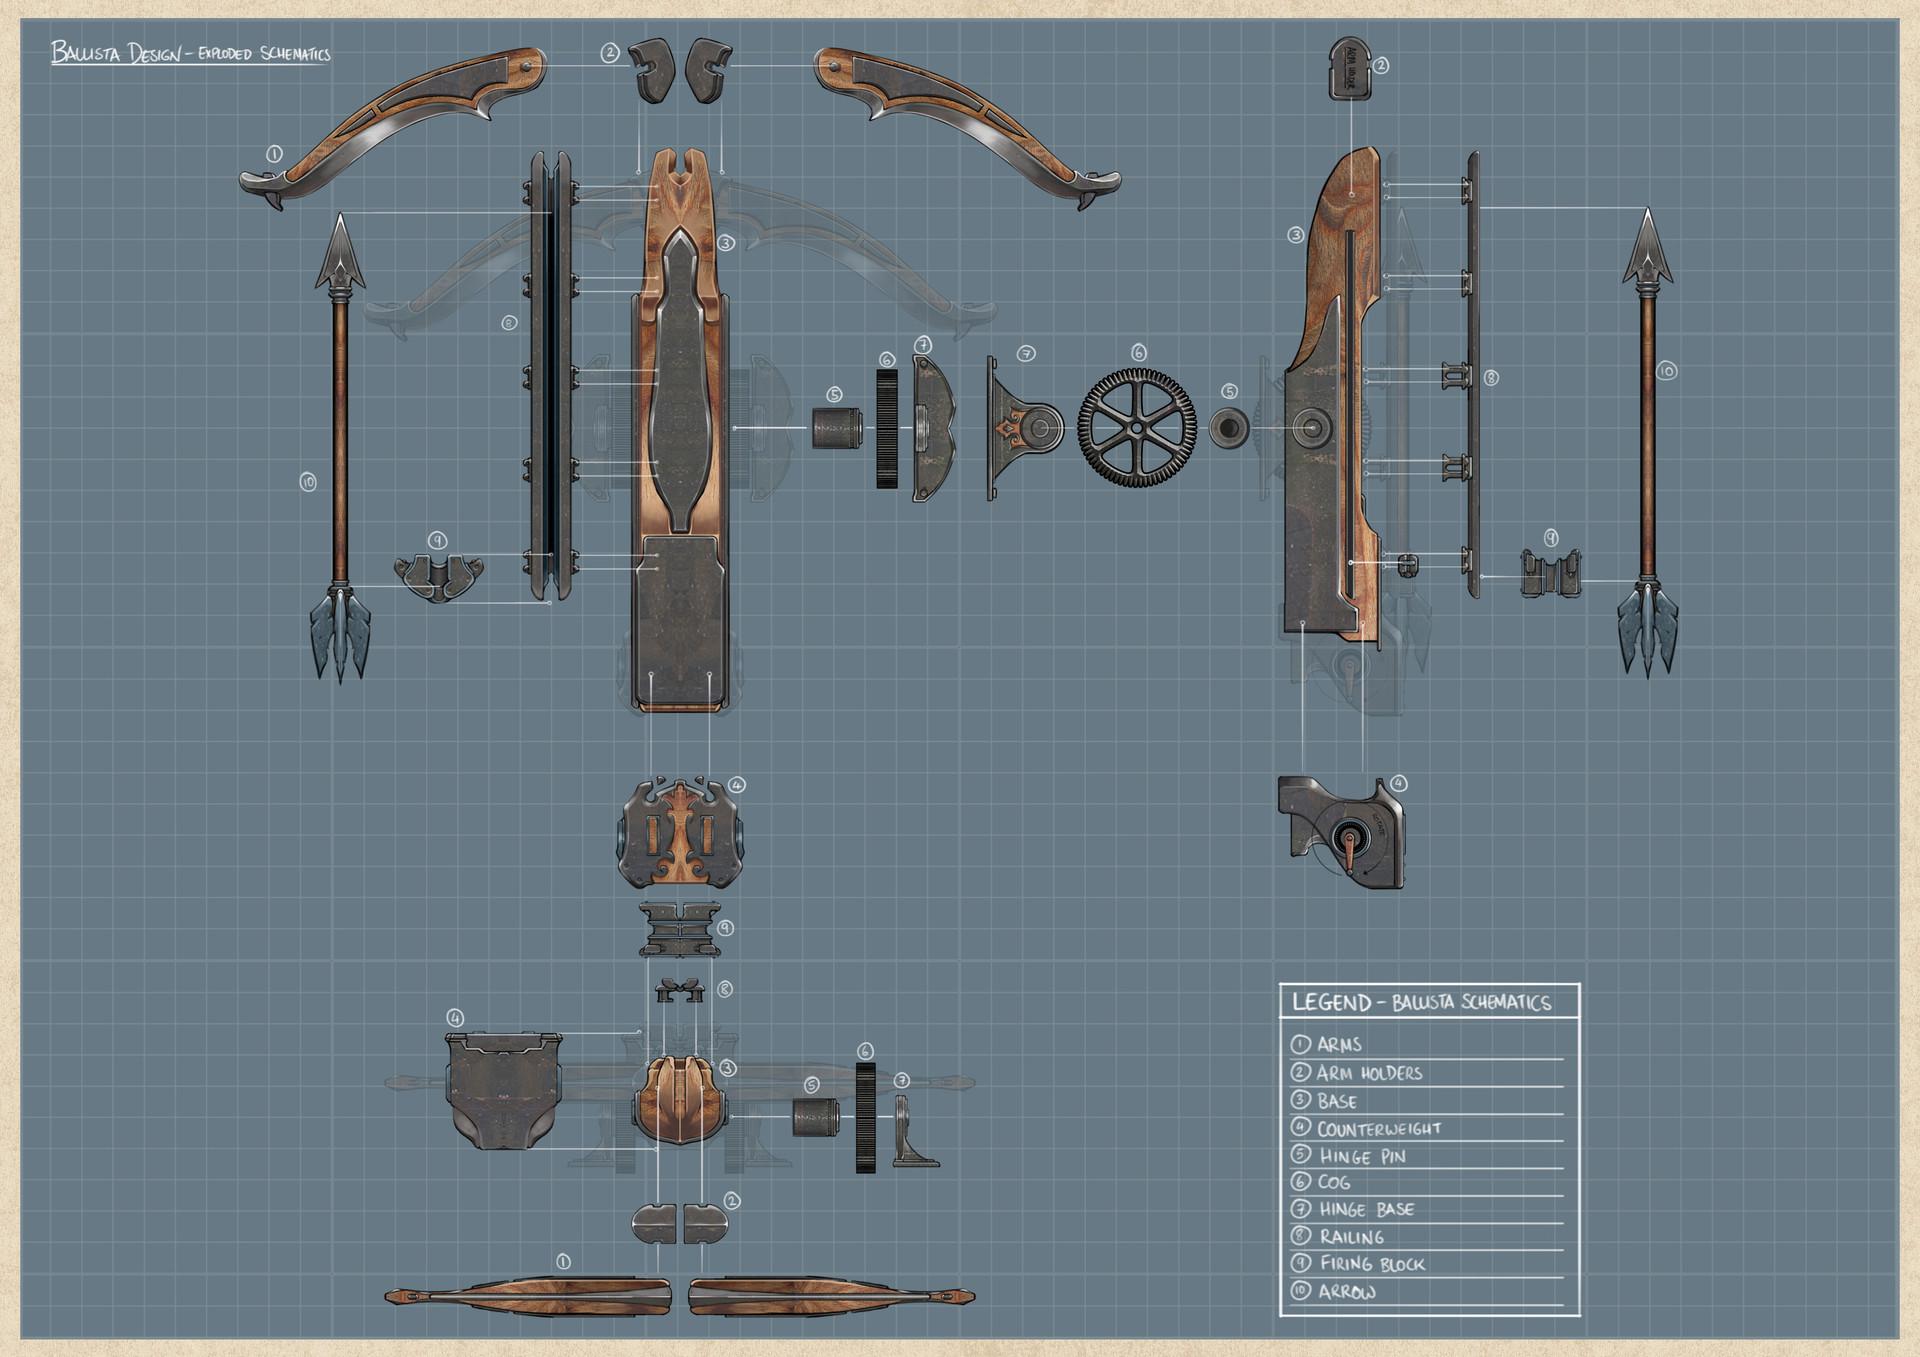 Tudor Morris - Ballista on castle schematics, firearms schematics, catapult schematics, cannon schematics, rocket schematics, weapon schematics, battleship schematics,